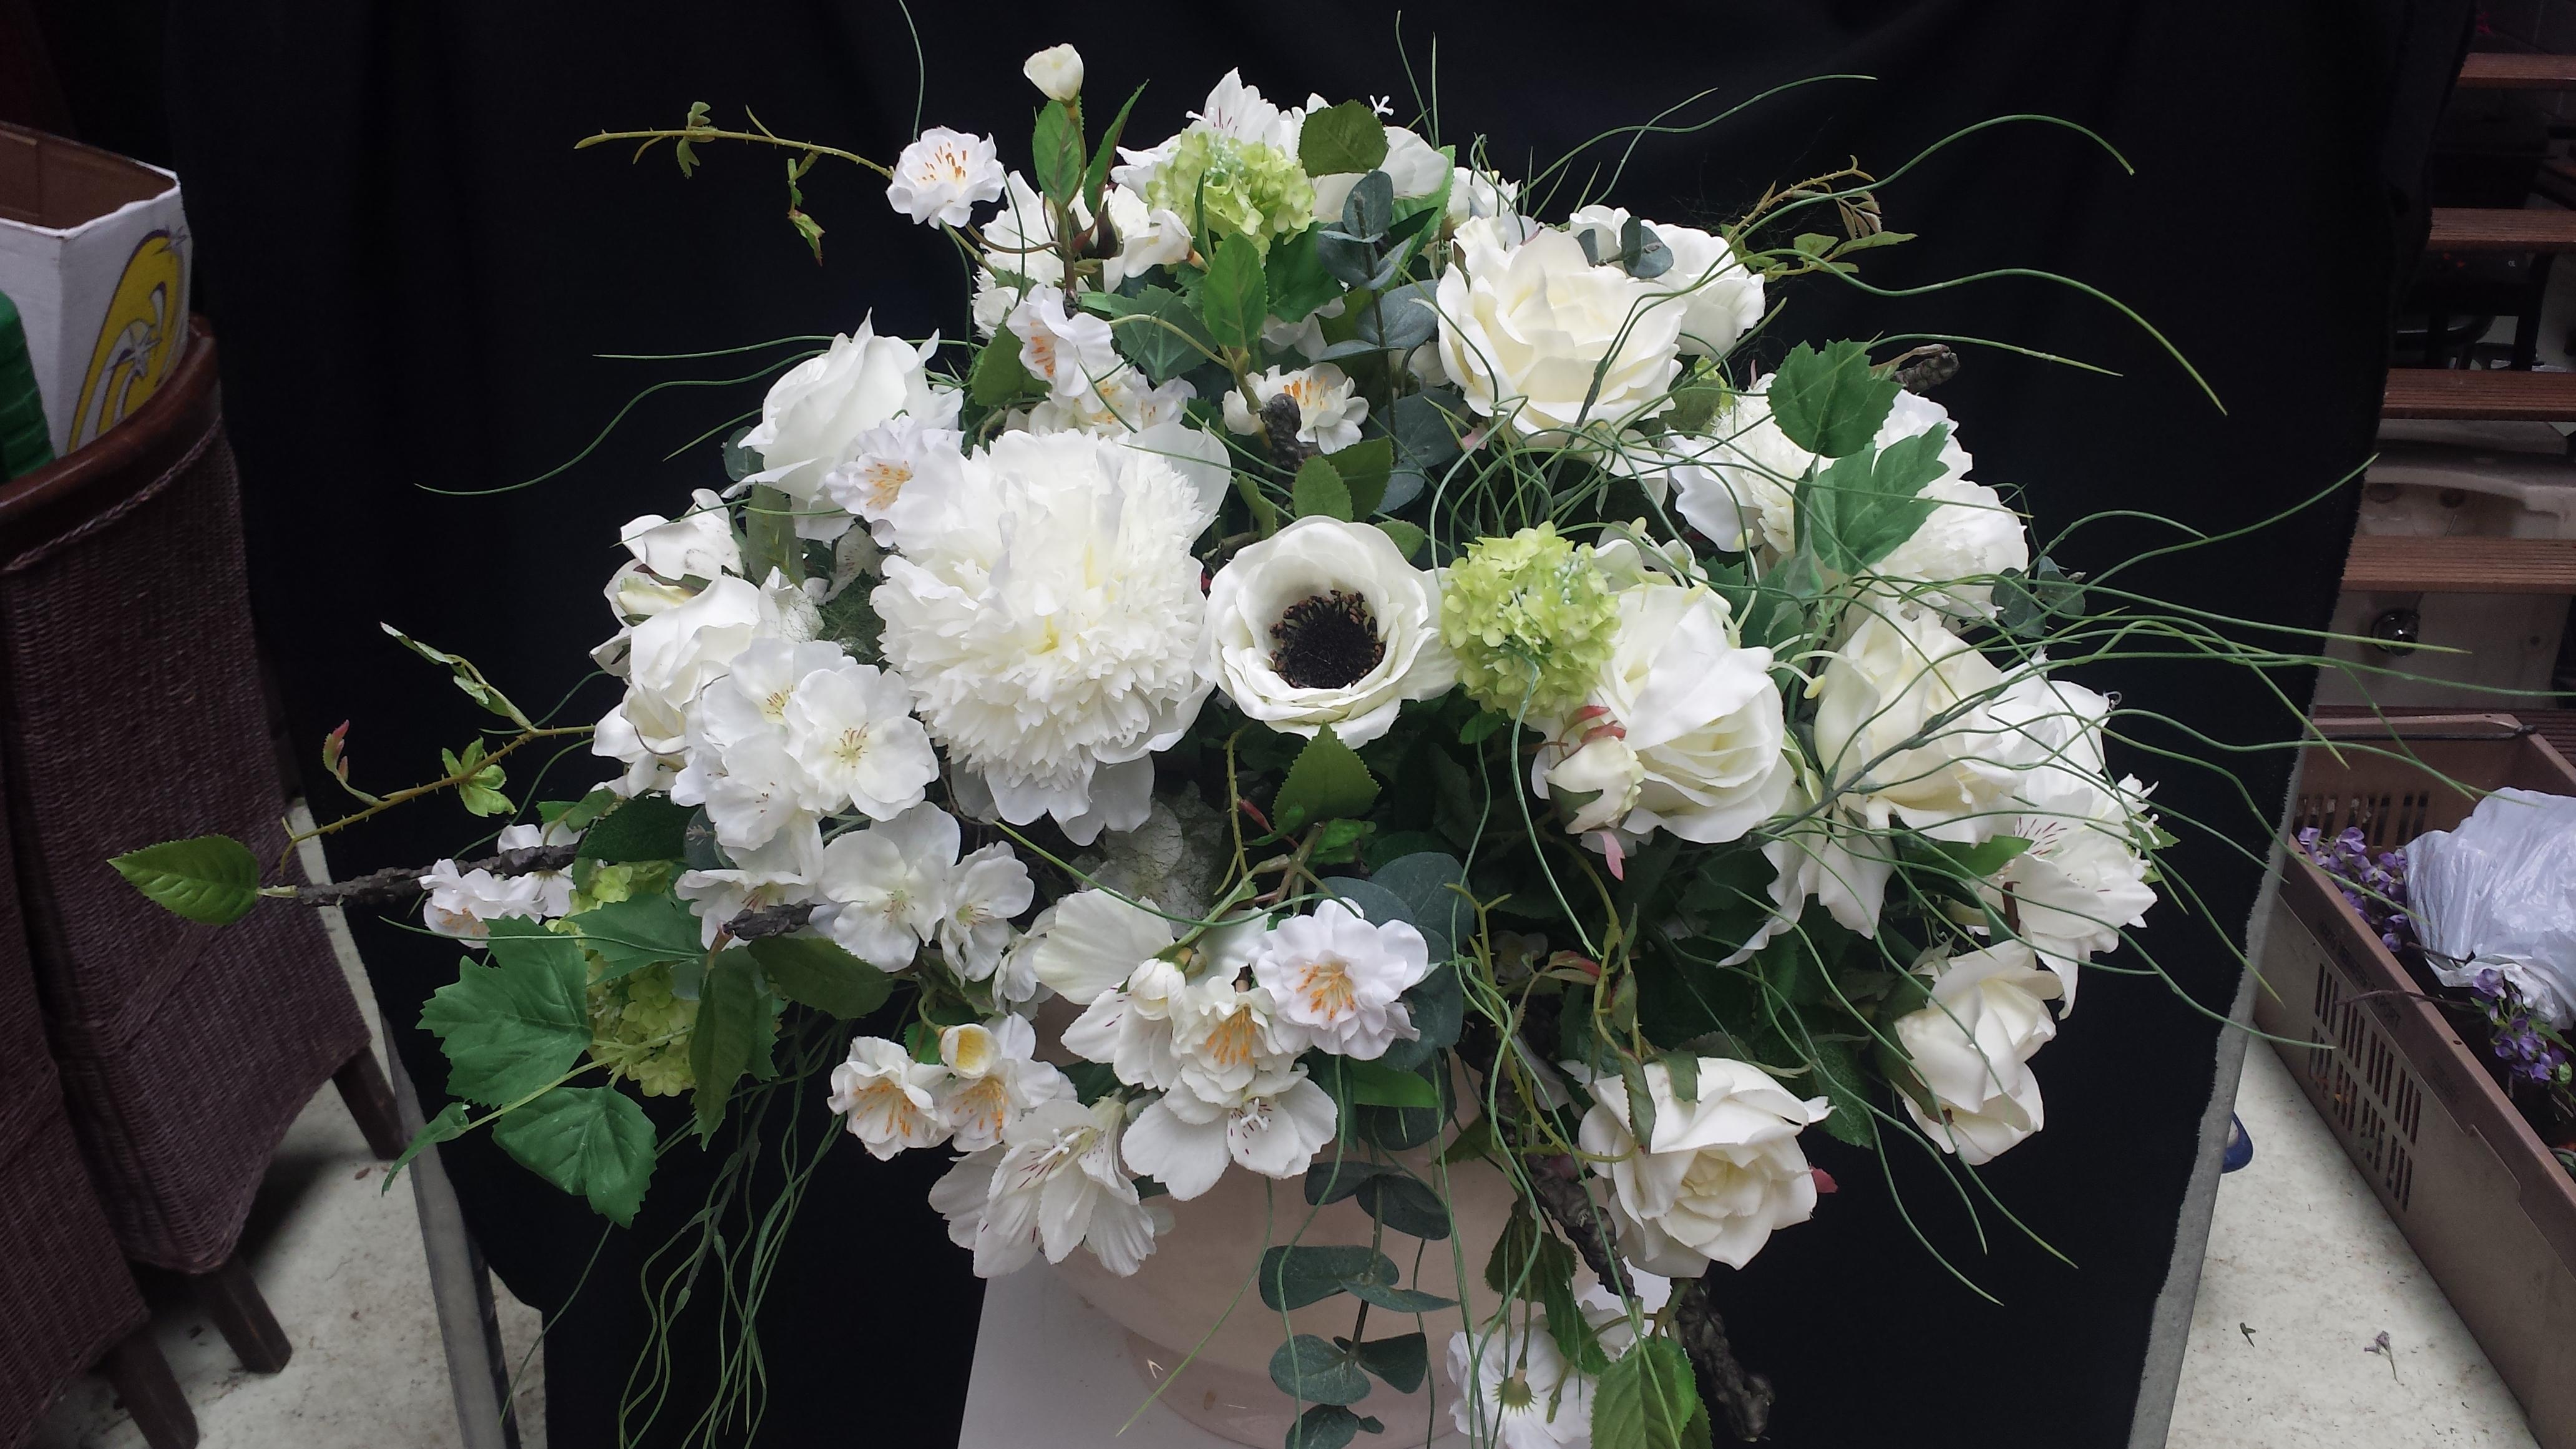 Verbazingwekkend Zijde bloemen, ze zijn bijna echt! - Flowertools NF-82